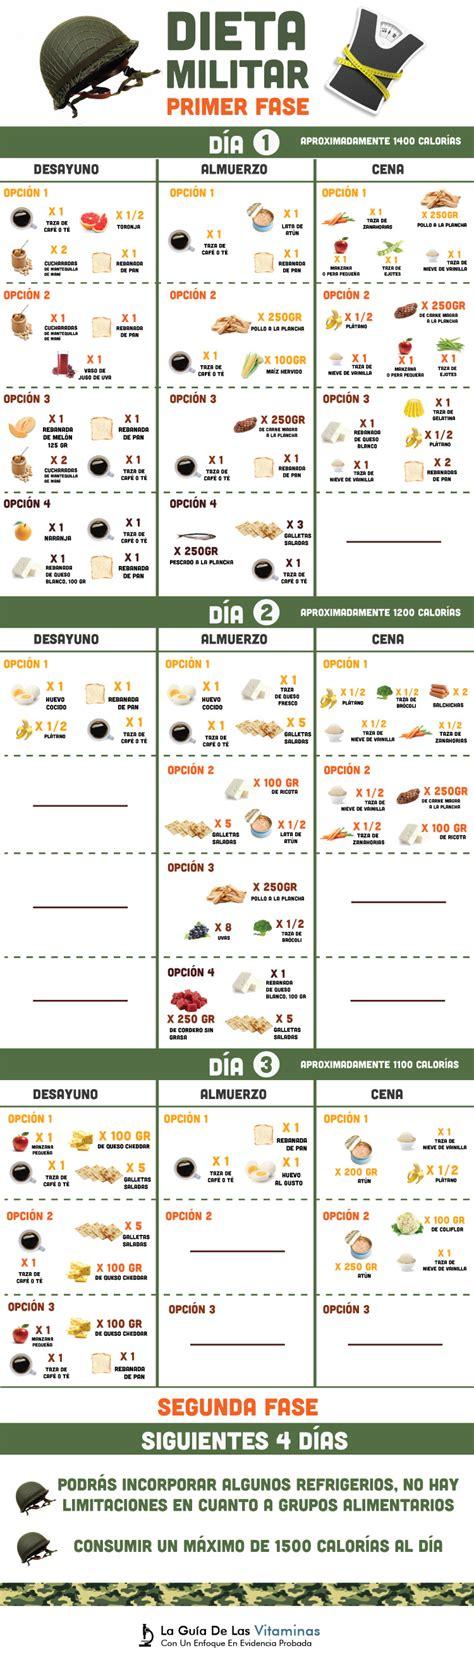 dietas y kilometraje 2016 dietas y kilometraje 2016 la cotizacin de los gastos de